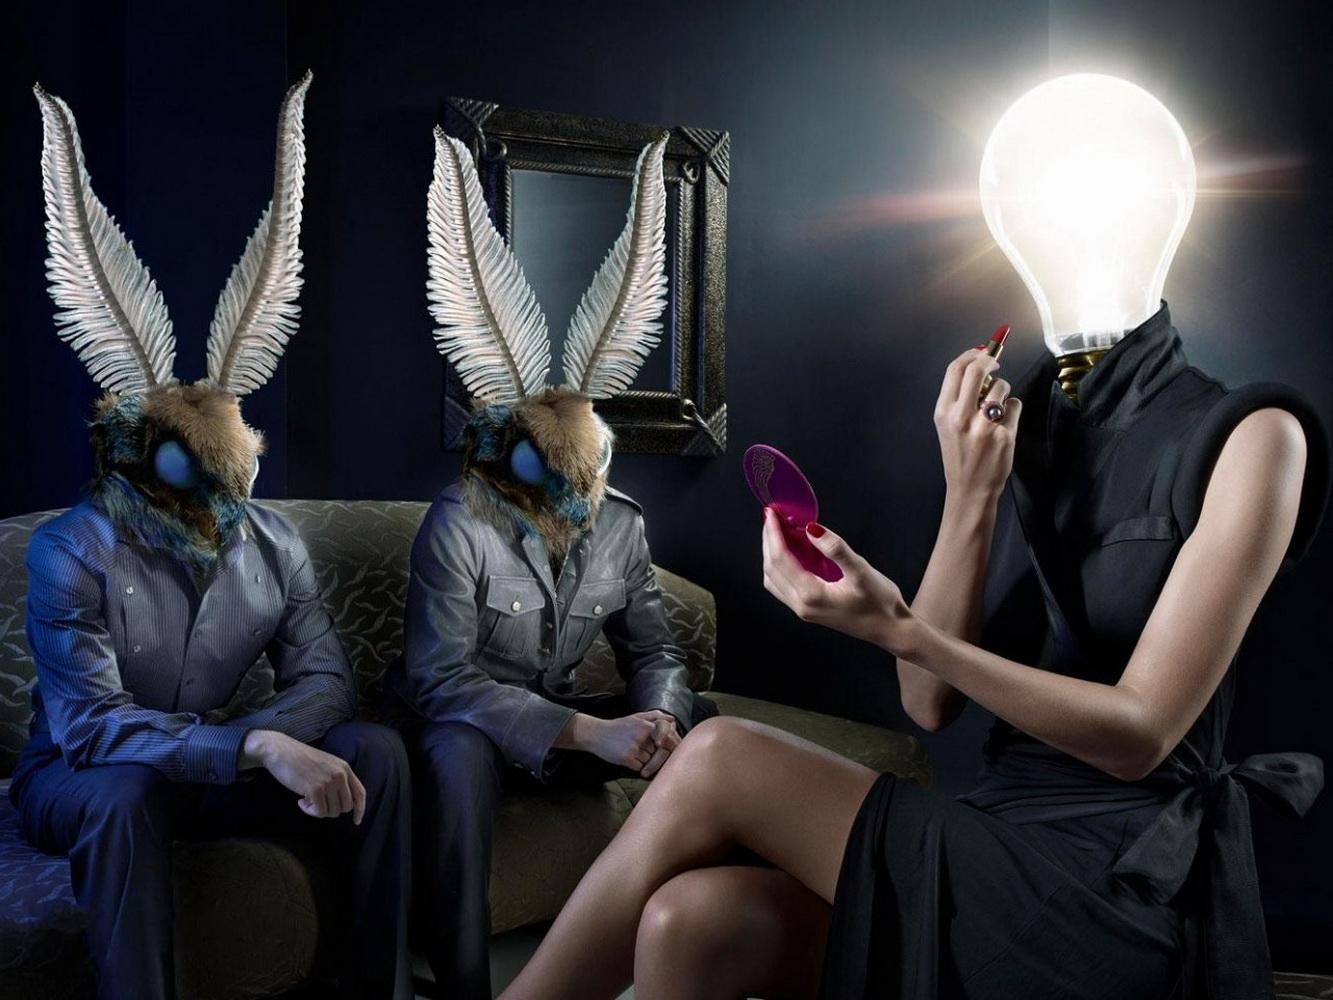 Картинки Юмор лампа накаливания Смешные Лампочка